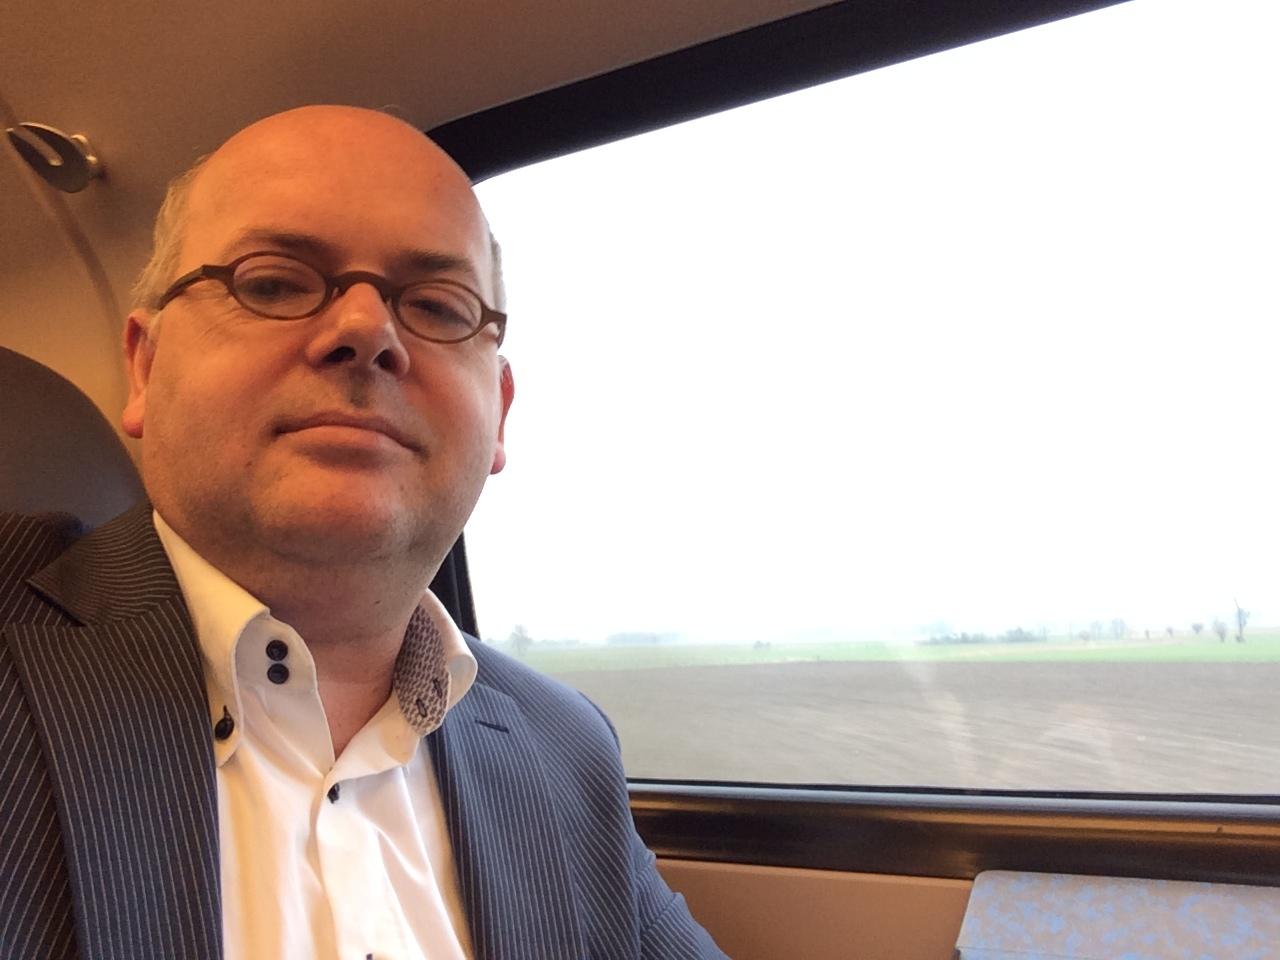 foto.Selfie.trein